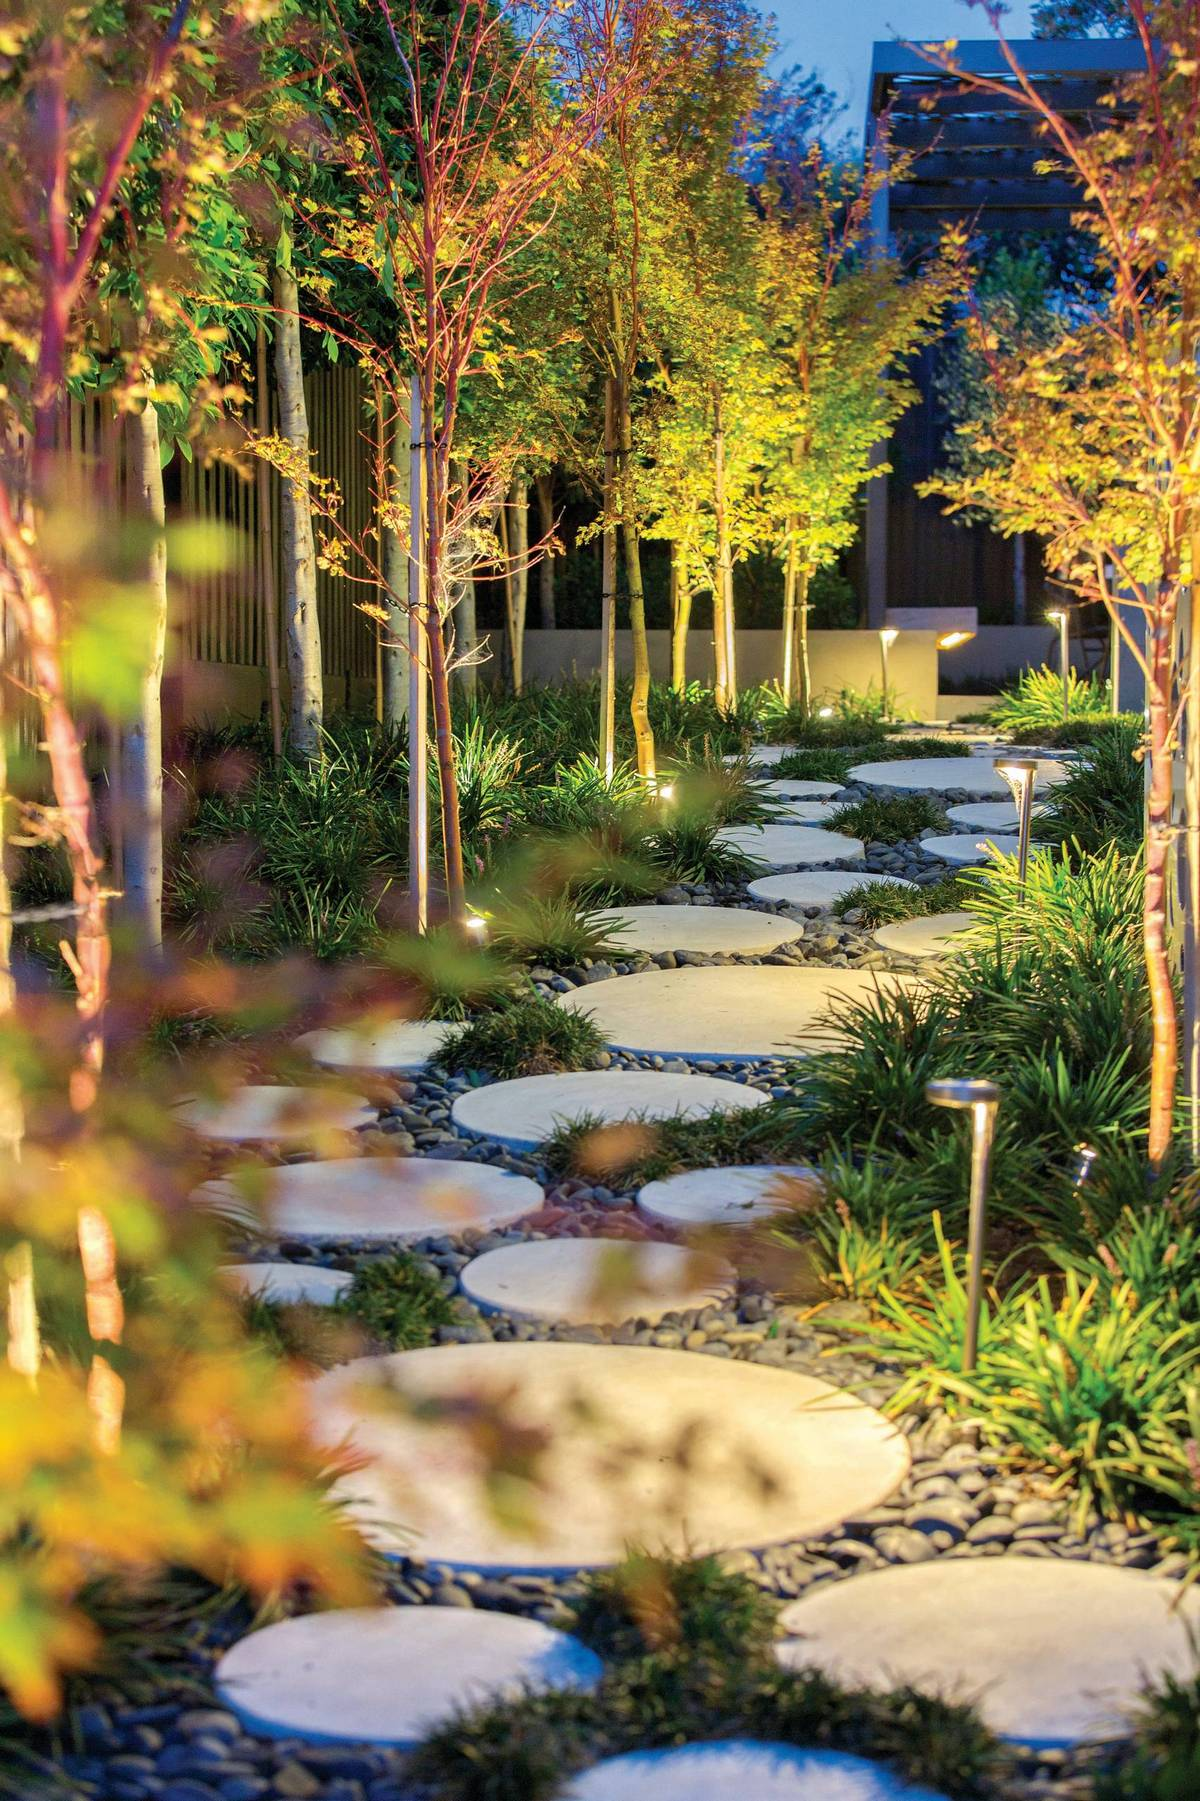 ландшафтный дизайн садового участка проект оформление искусственными камнями